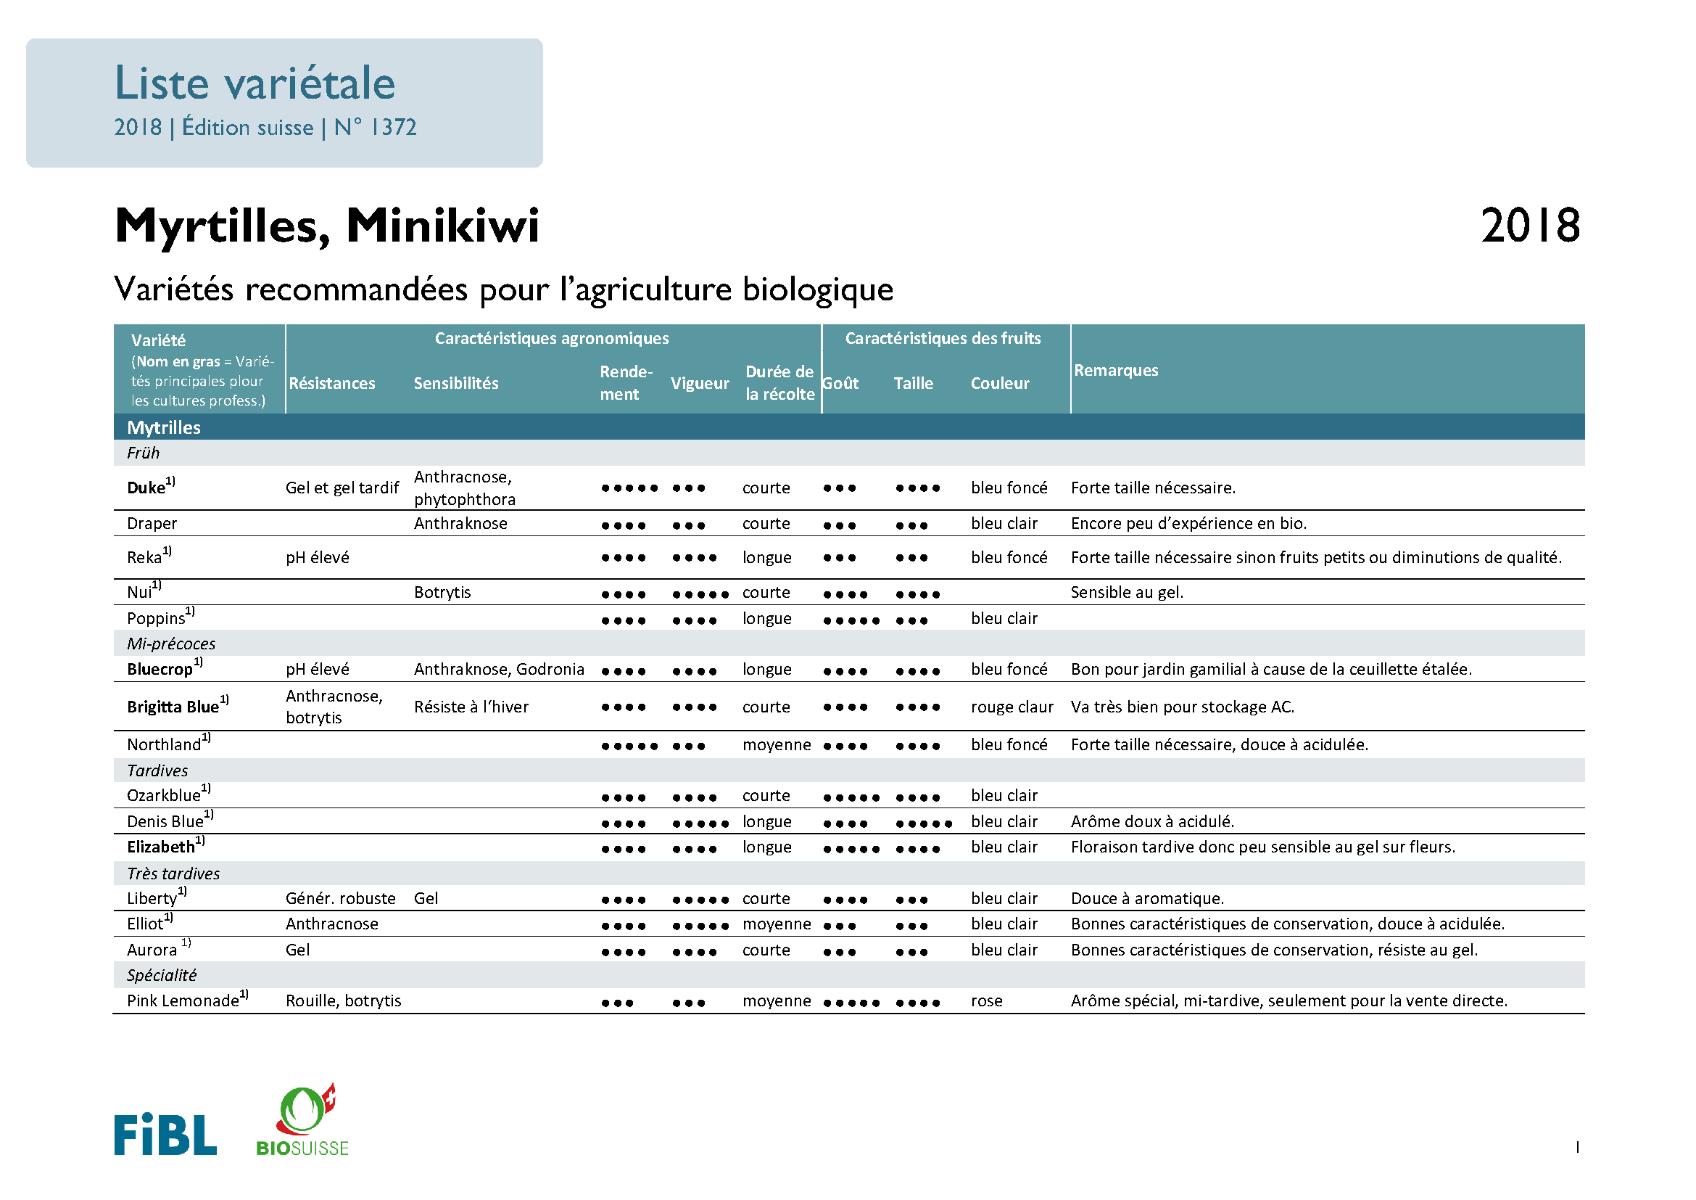 Liste variétale myrtilles et mini kiwi